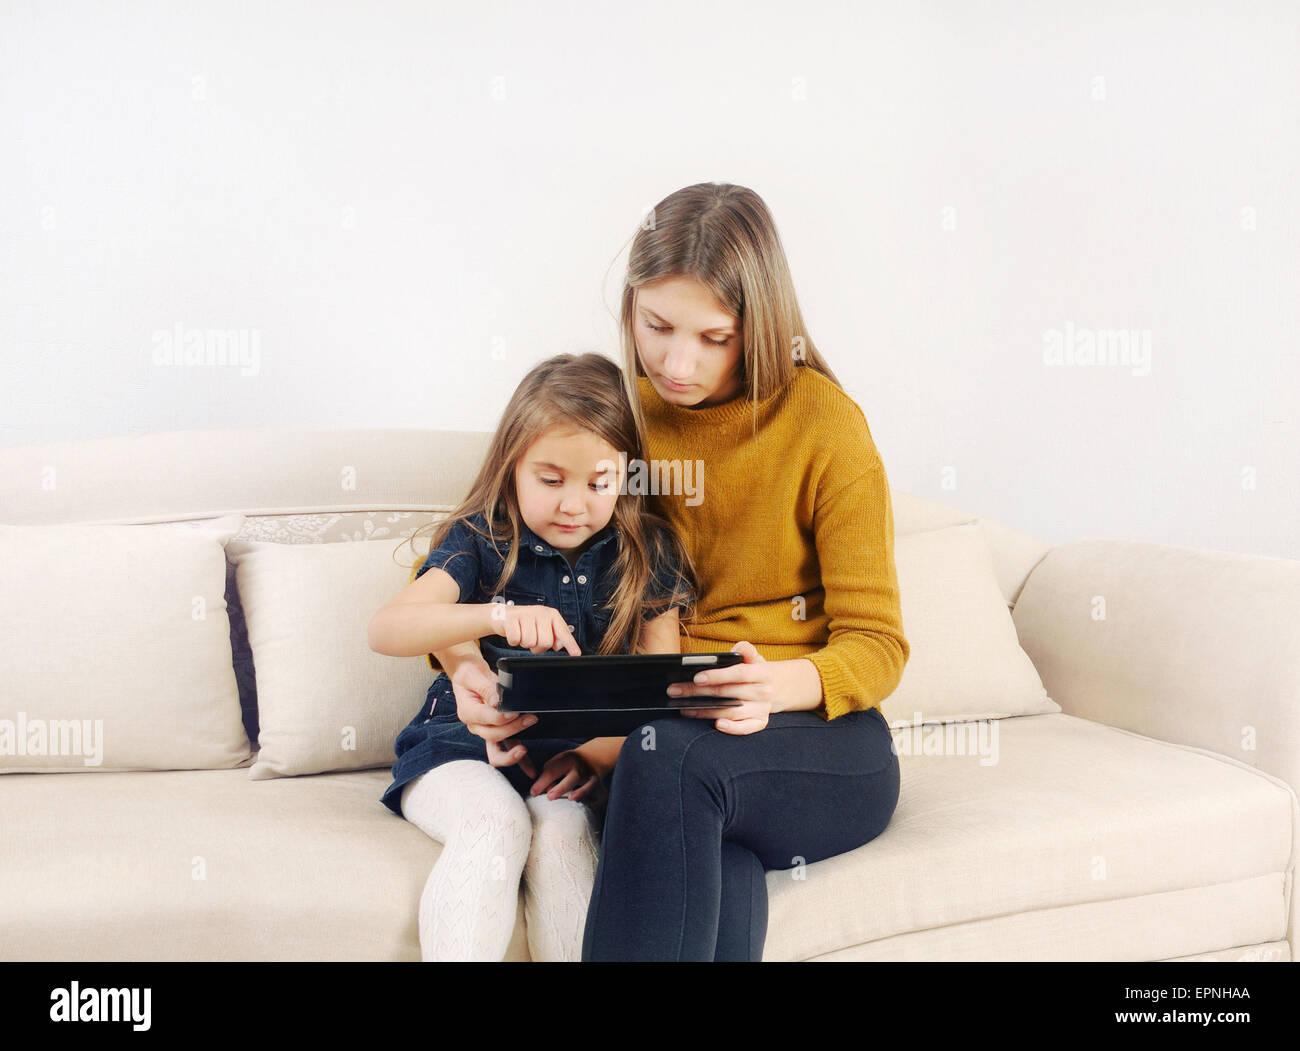 Niña con su madre utilizando dispositivo tableta en el sofá en casa, familia feliz, concepto tecnológico Imagen De Stock